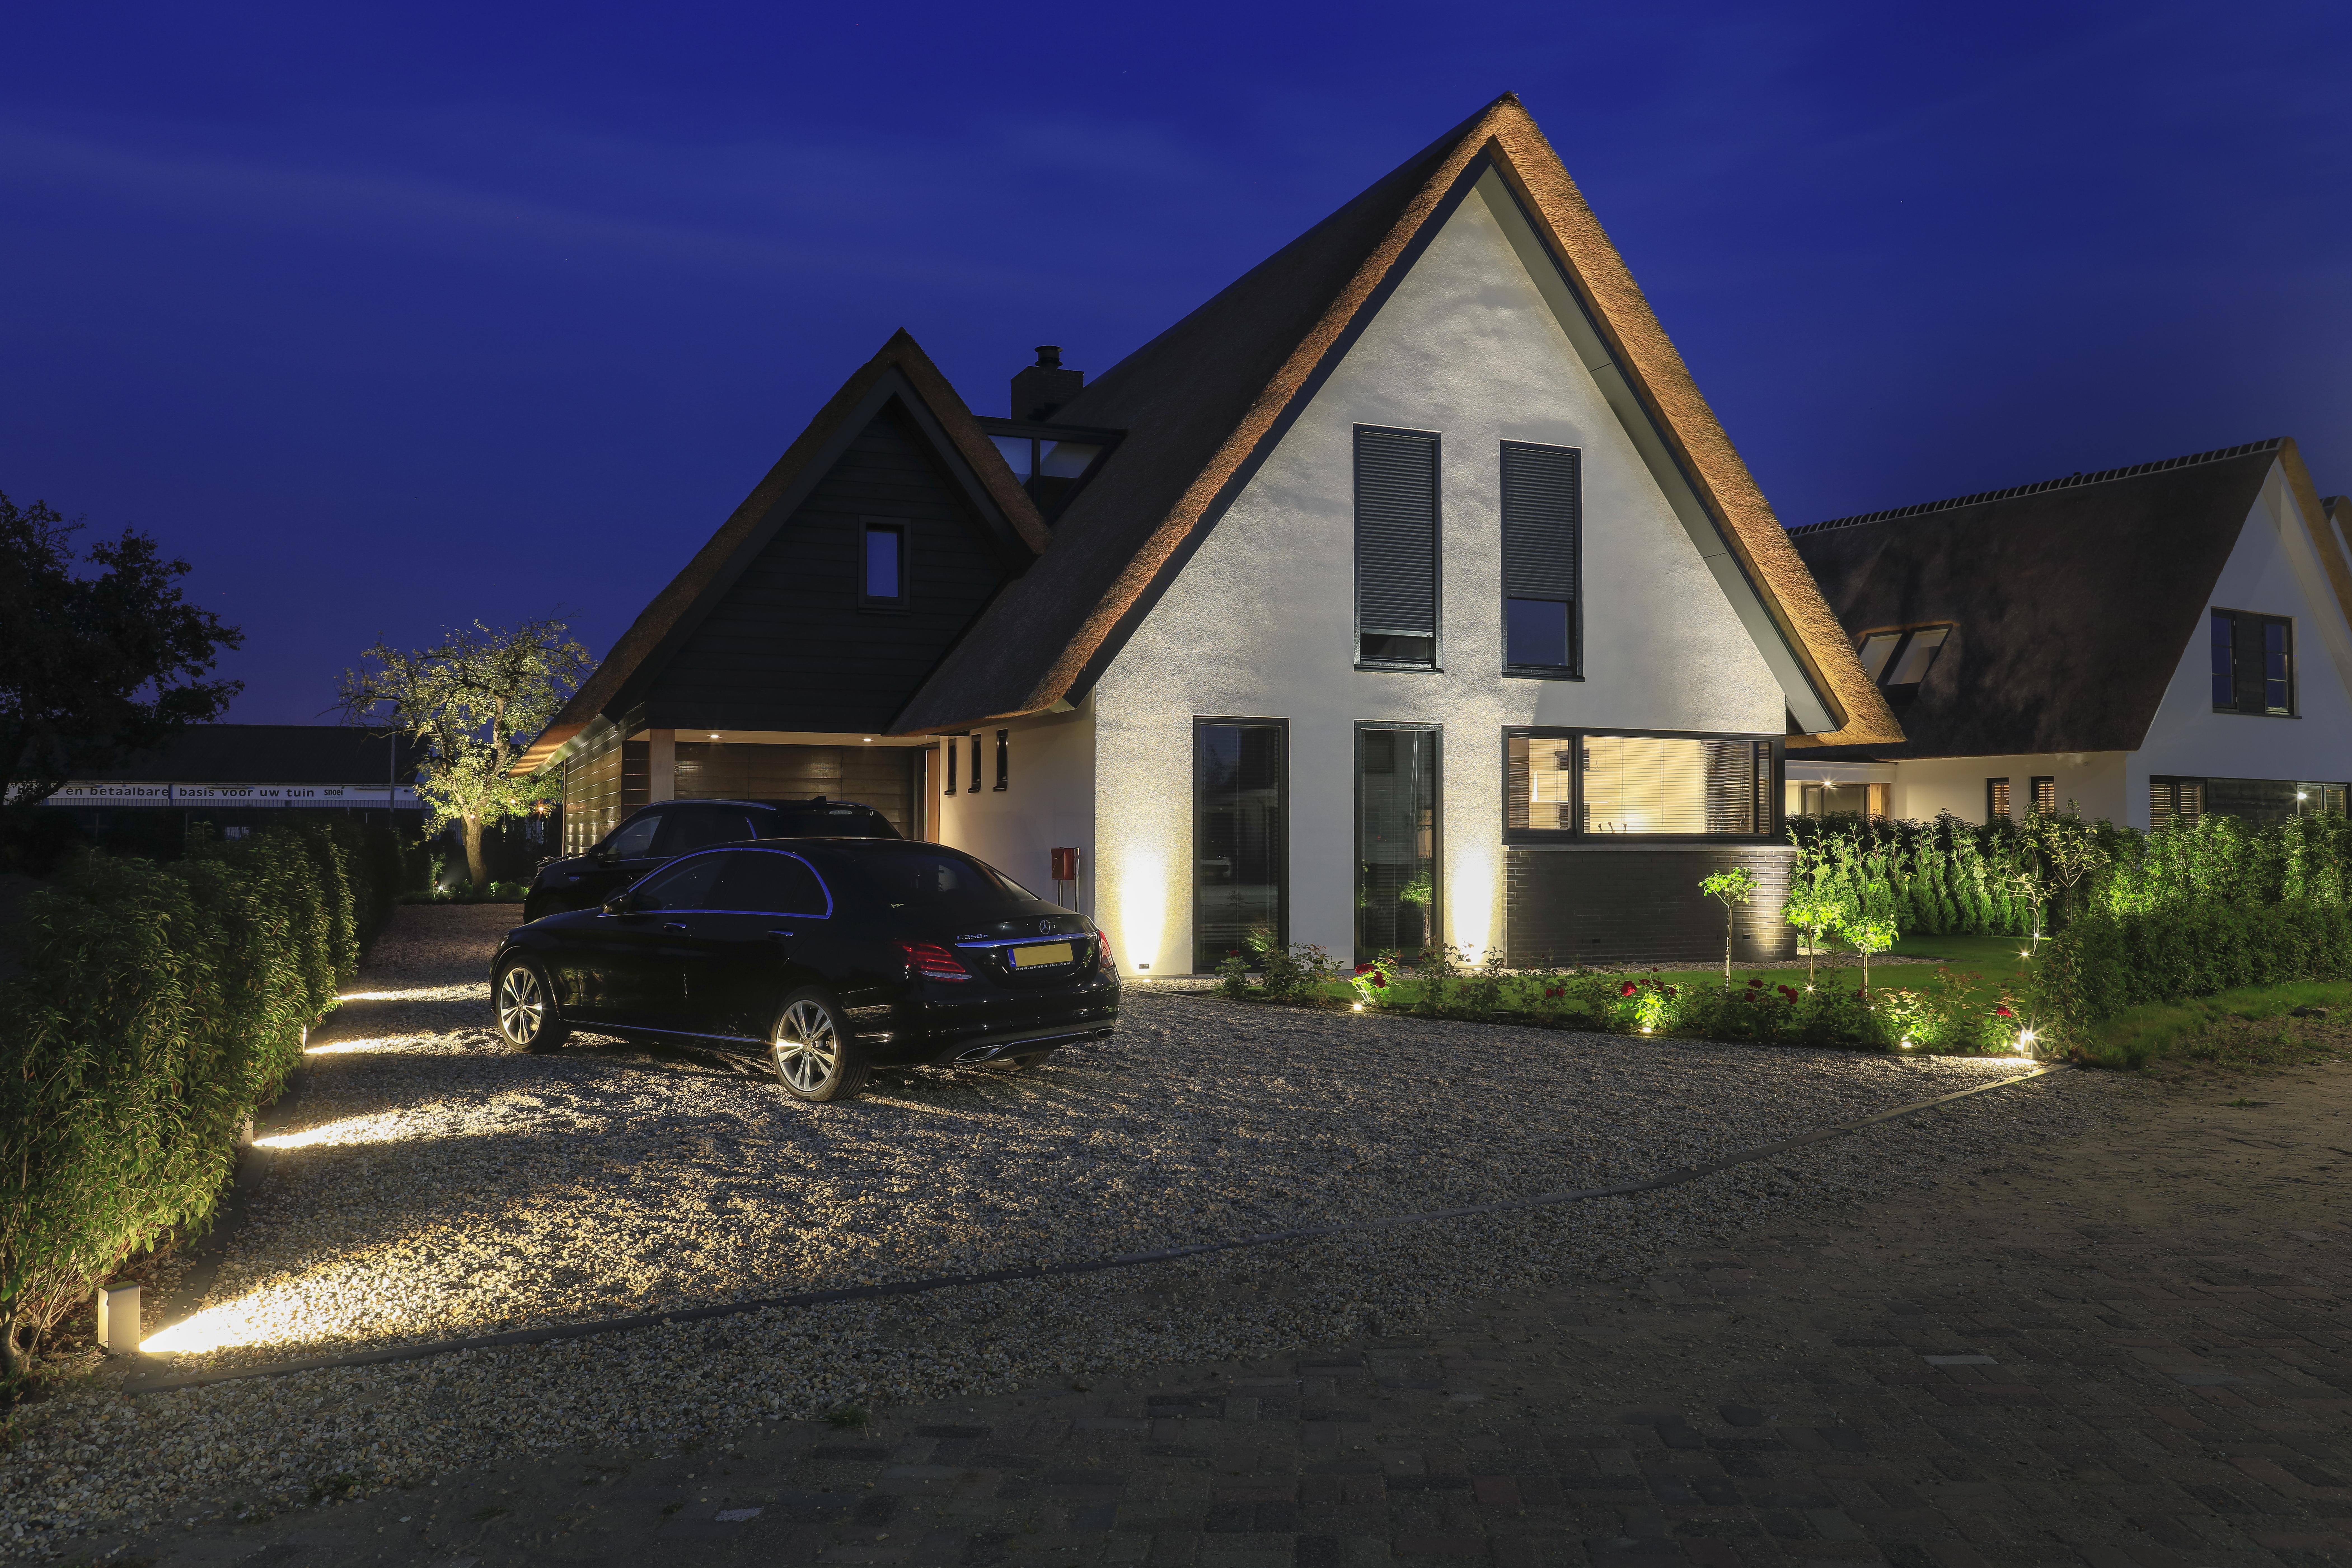 De beste tuinverlichting!   Furnlovers.nl